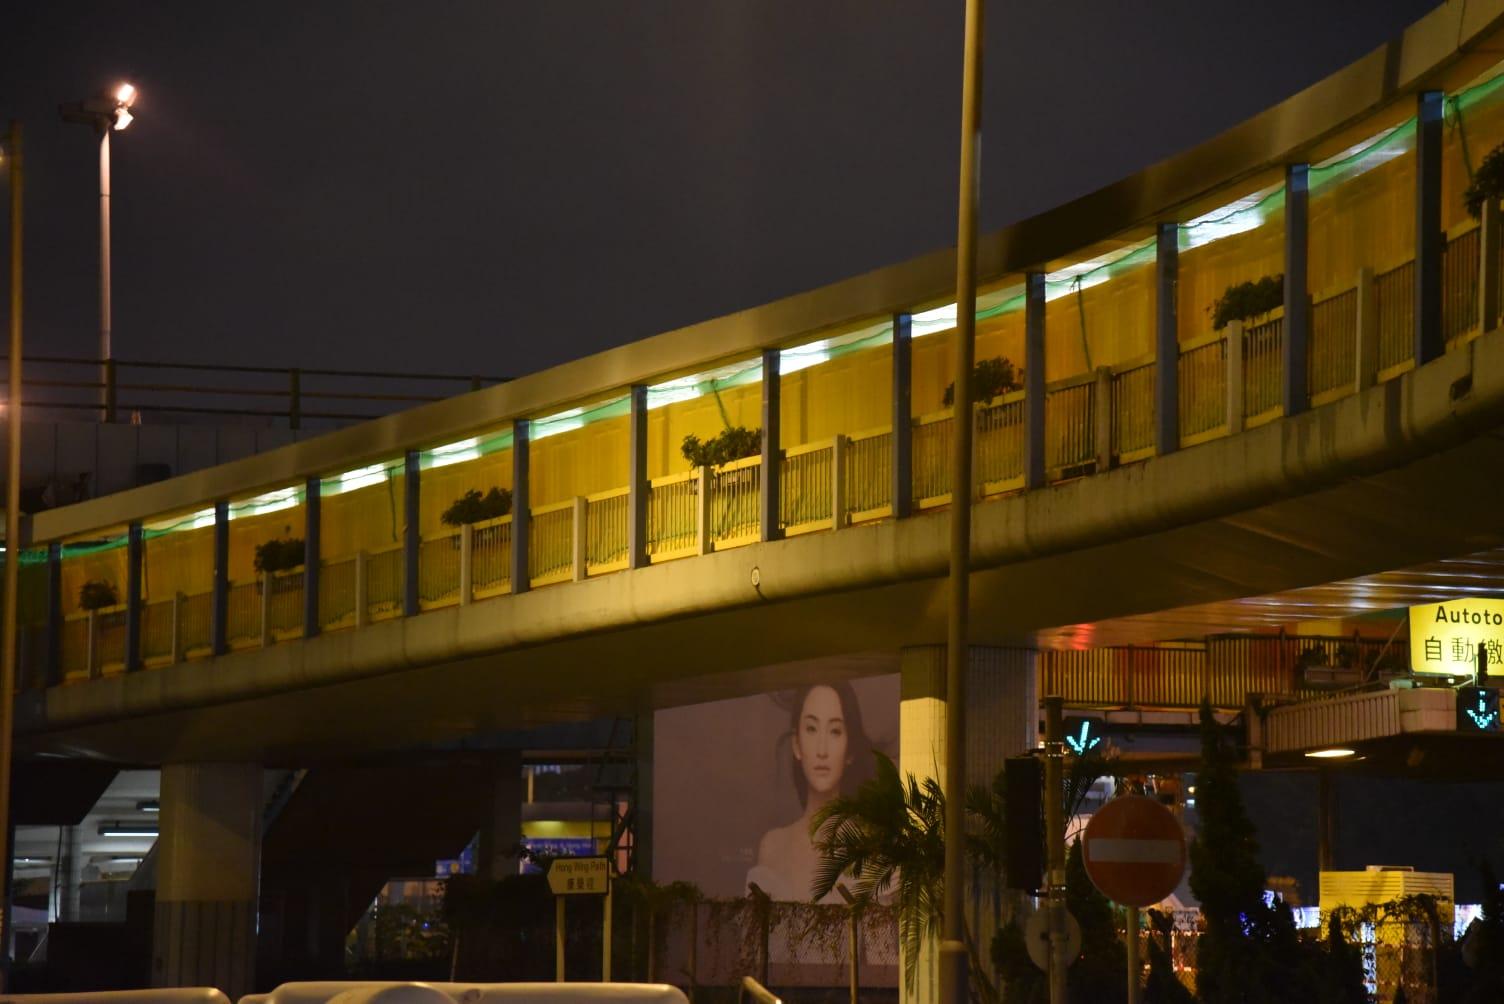 工人行人天桥加胶板 路政署:畅运道天桥开通需视乎实际情况